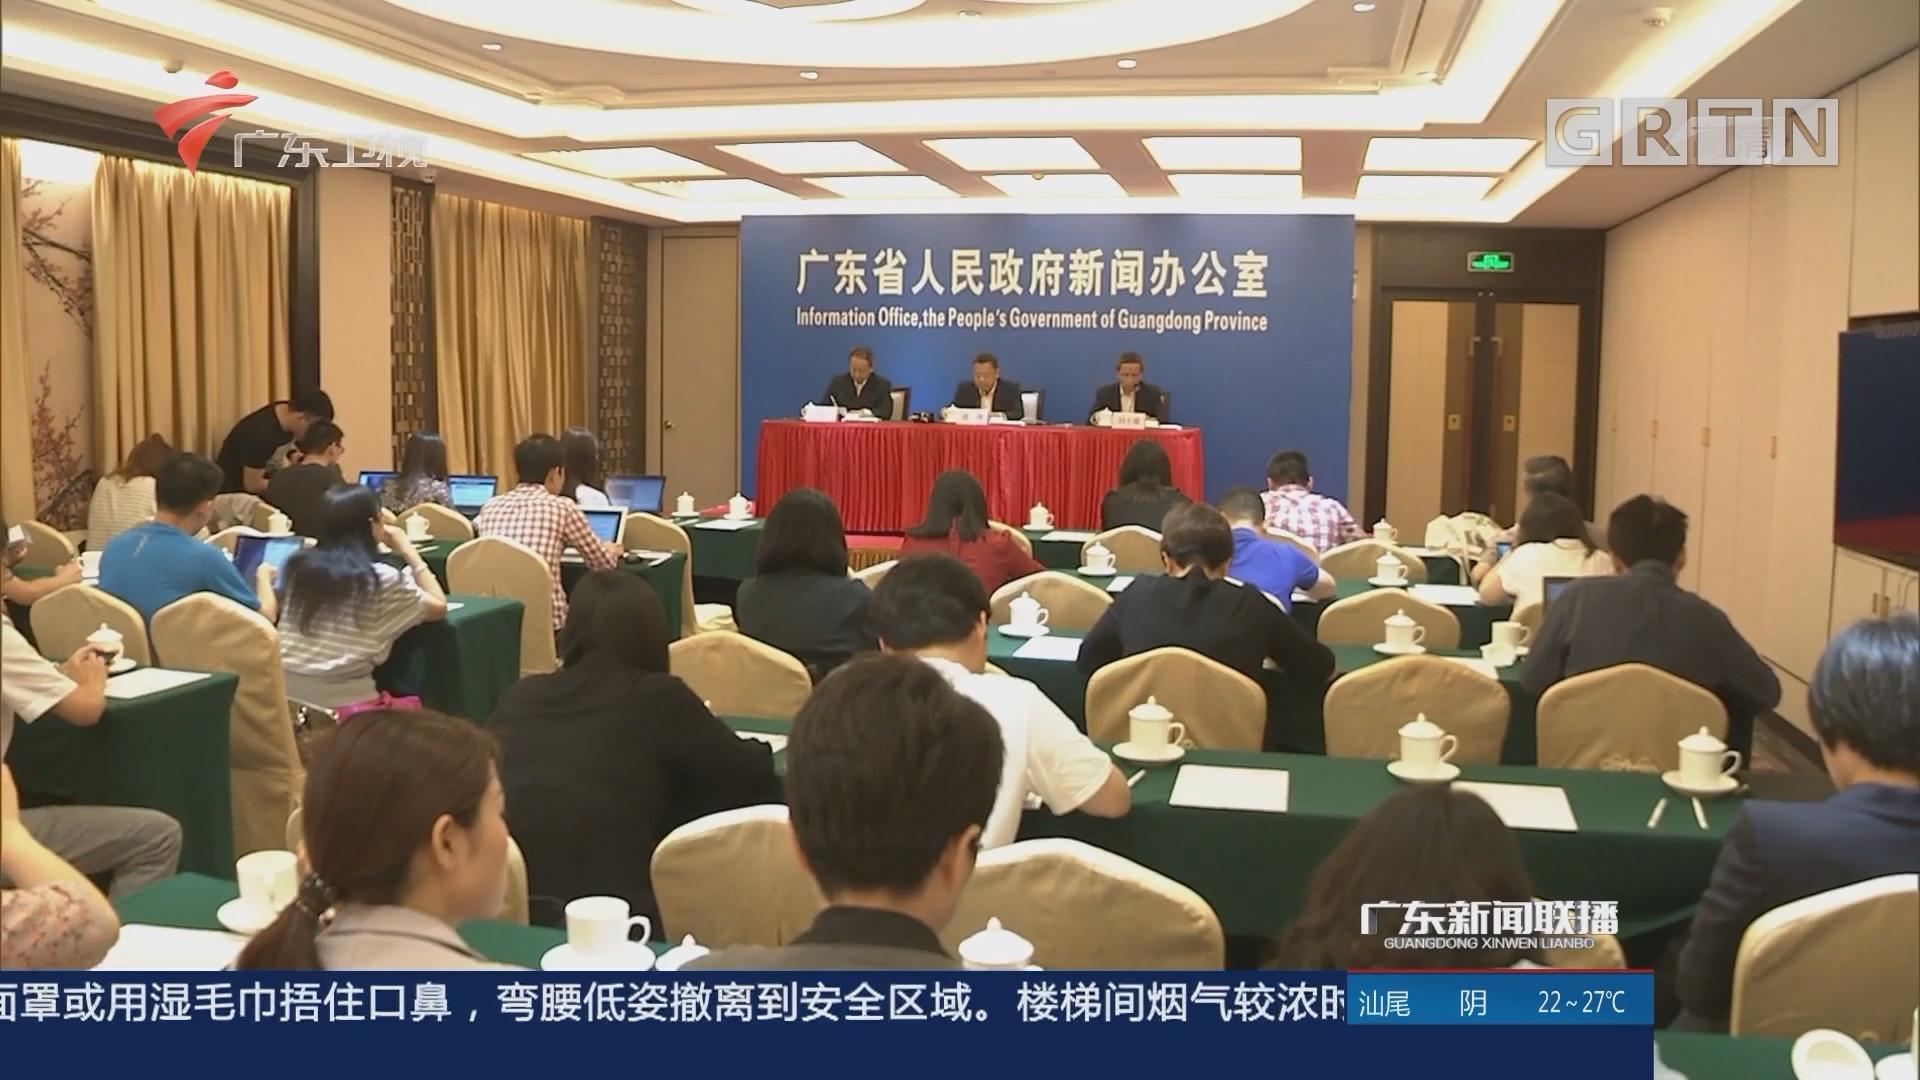 广东首次发布消费环境评价报告 佛山广州深圳位居前三名